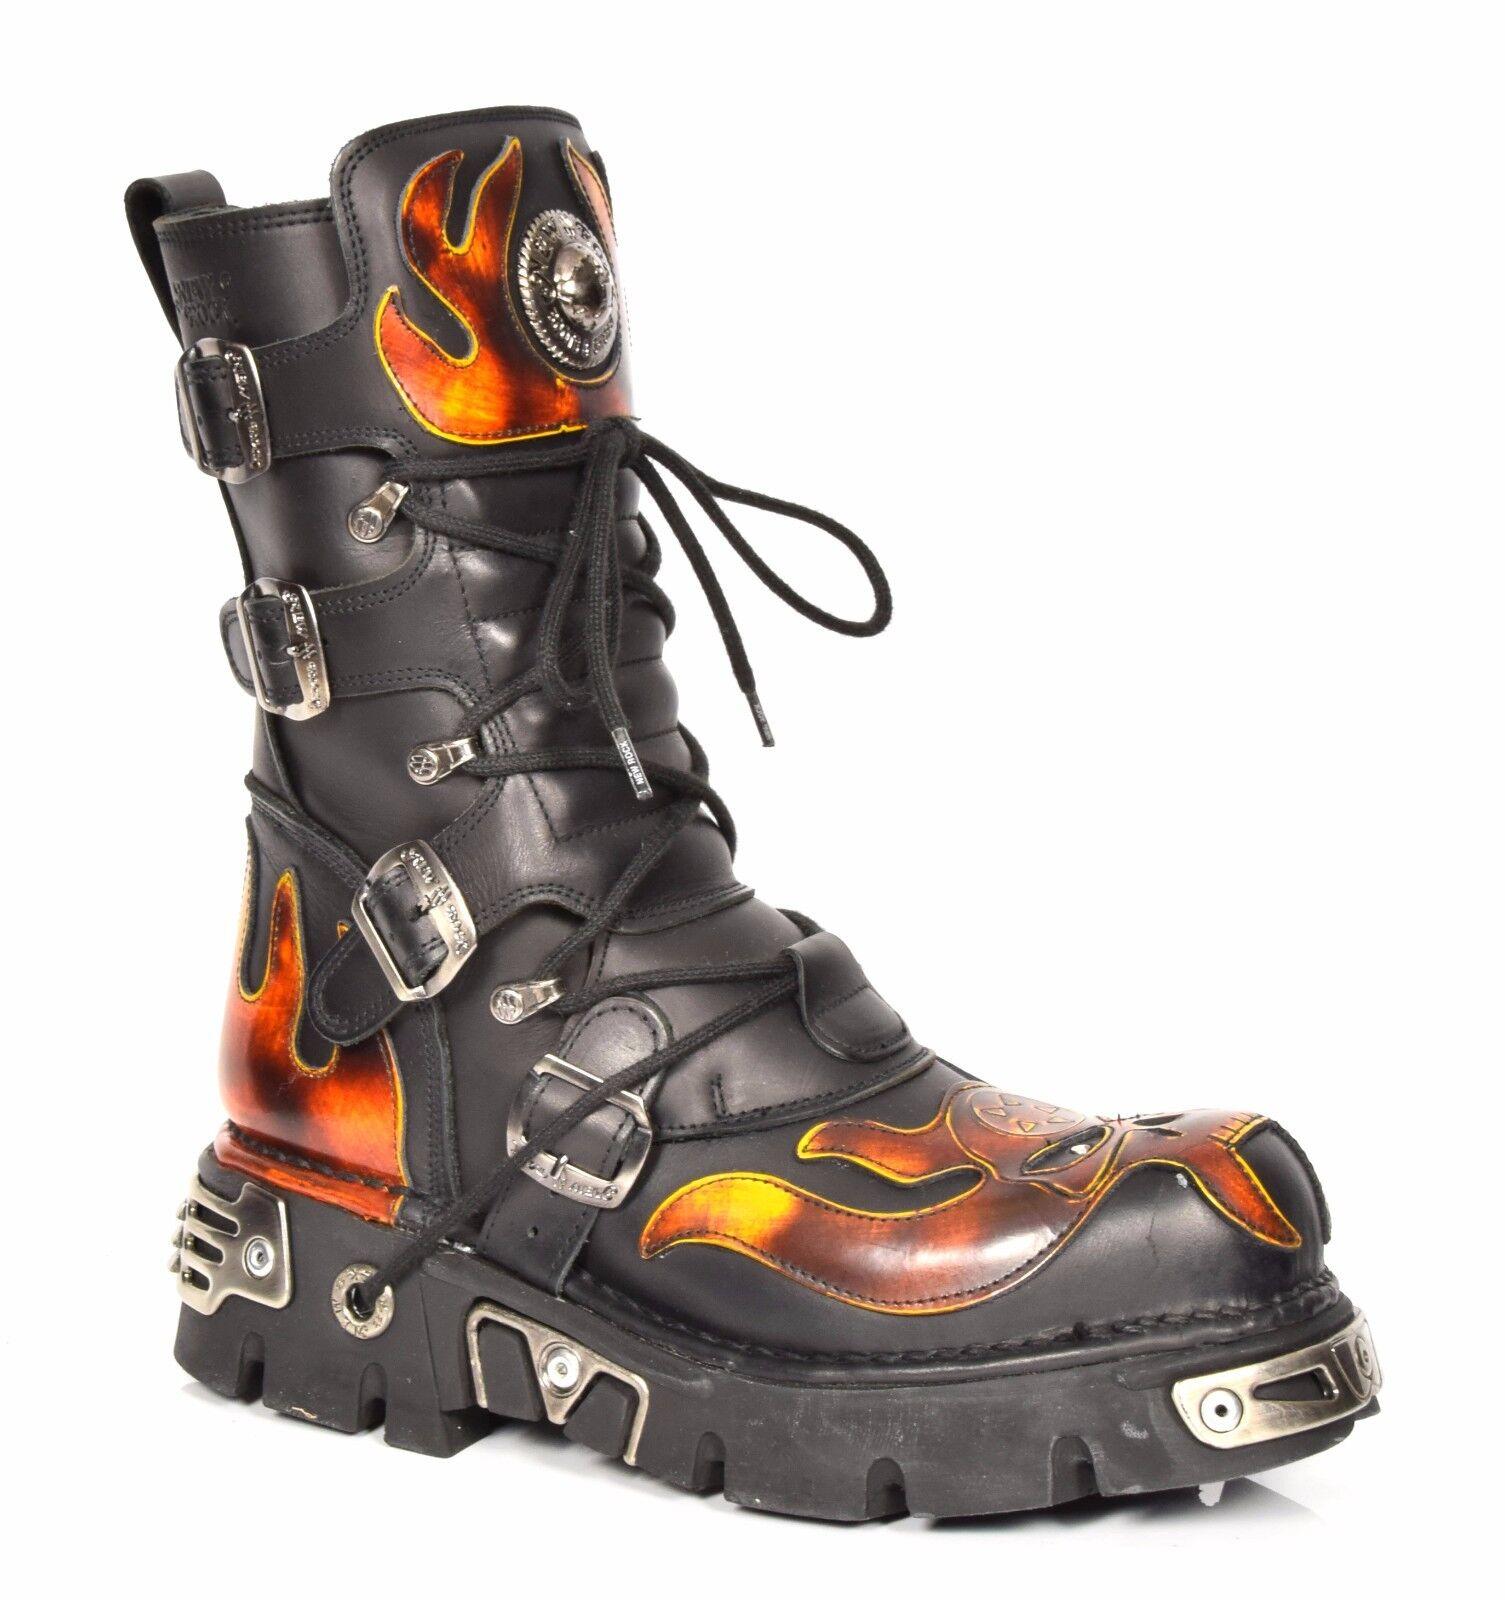 New Rock botas De Cuero Zapatos Con Cordones llama Diseño Estilo Retro Gótico negro